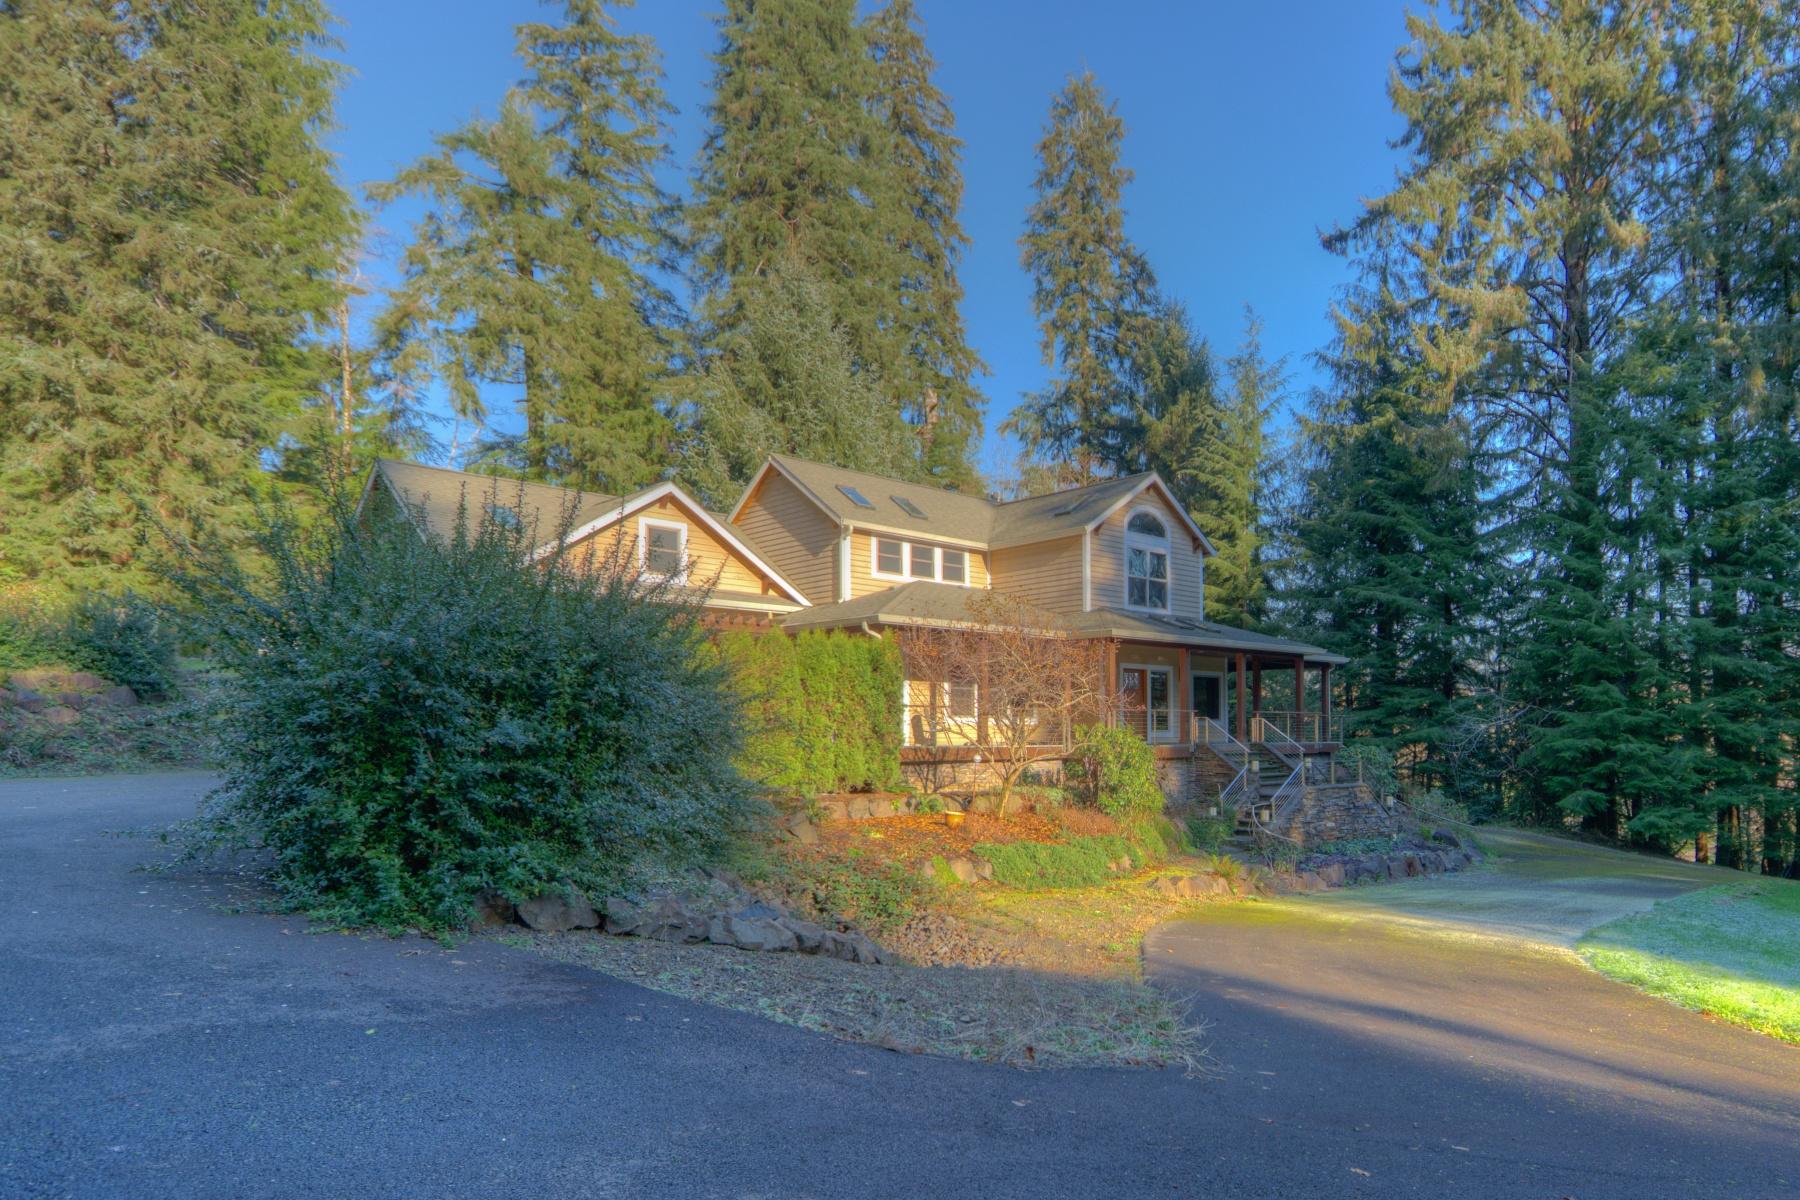 Single Family Home for Sale at 44650 CAROL DR, NEHALEM Nehalem, Oregon, 97131 United States